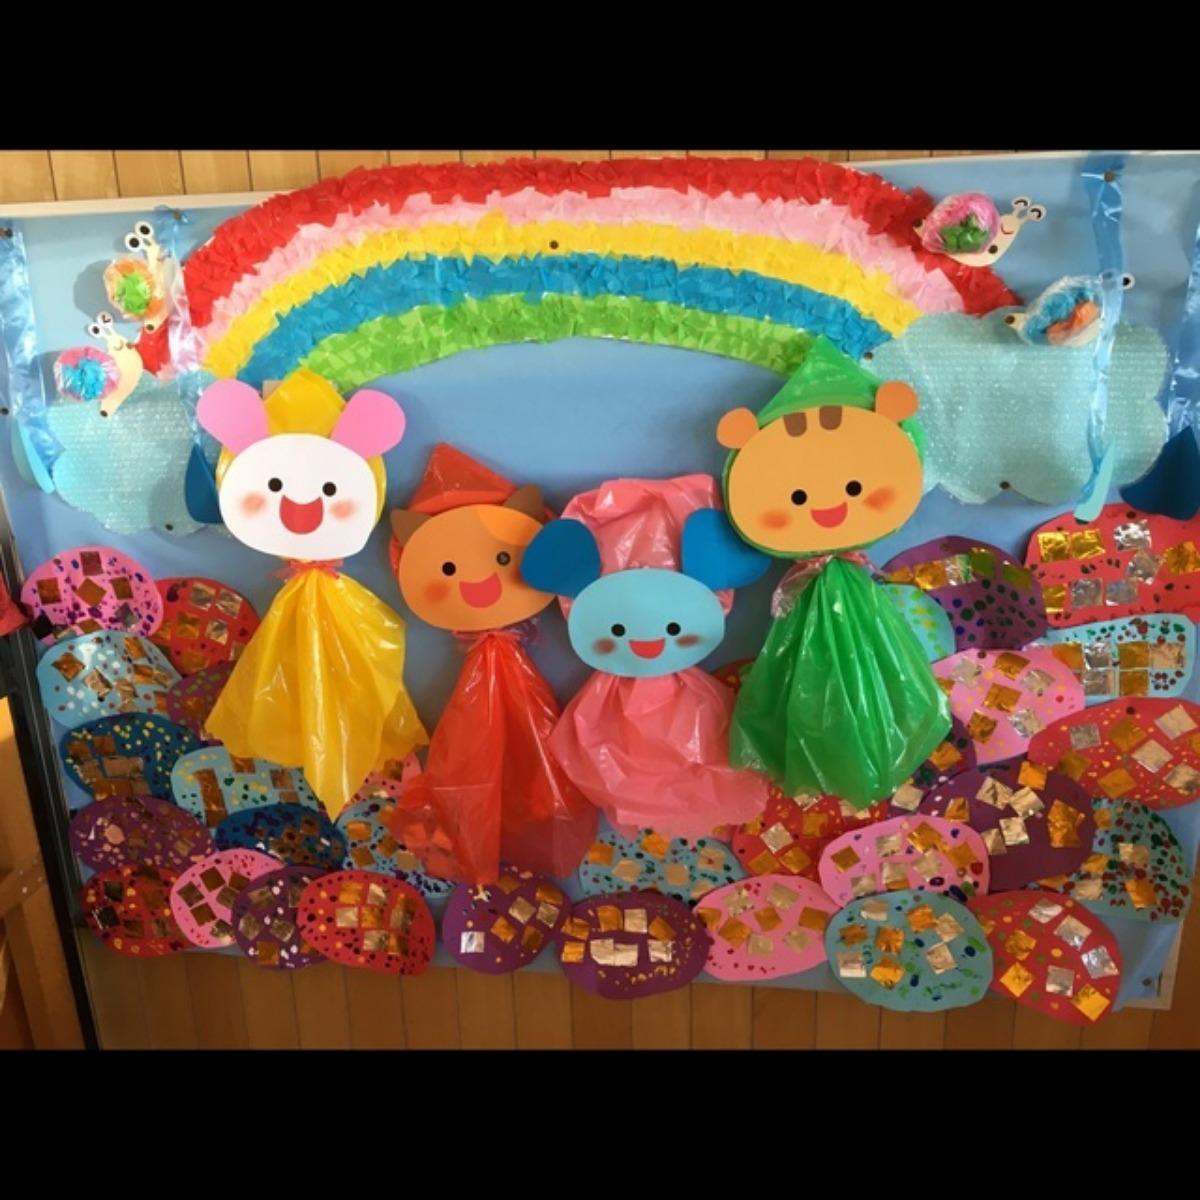 【アプリ投稿】梅雨の壁面 4歳児